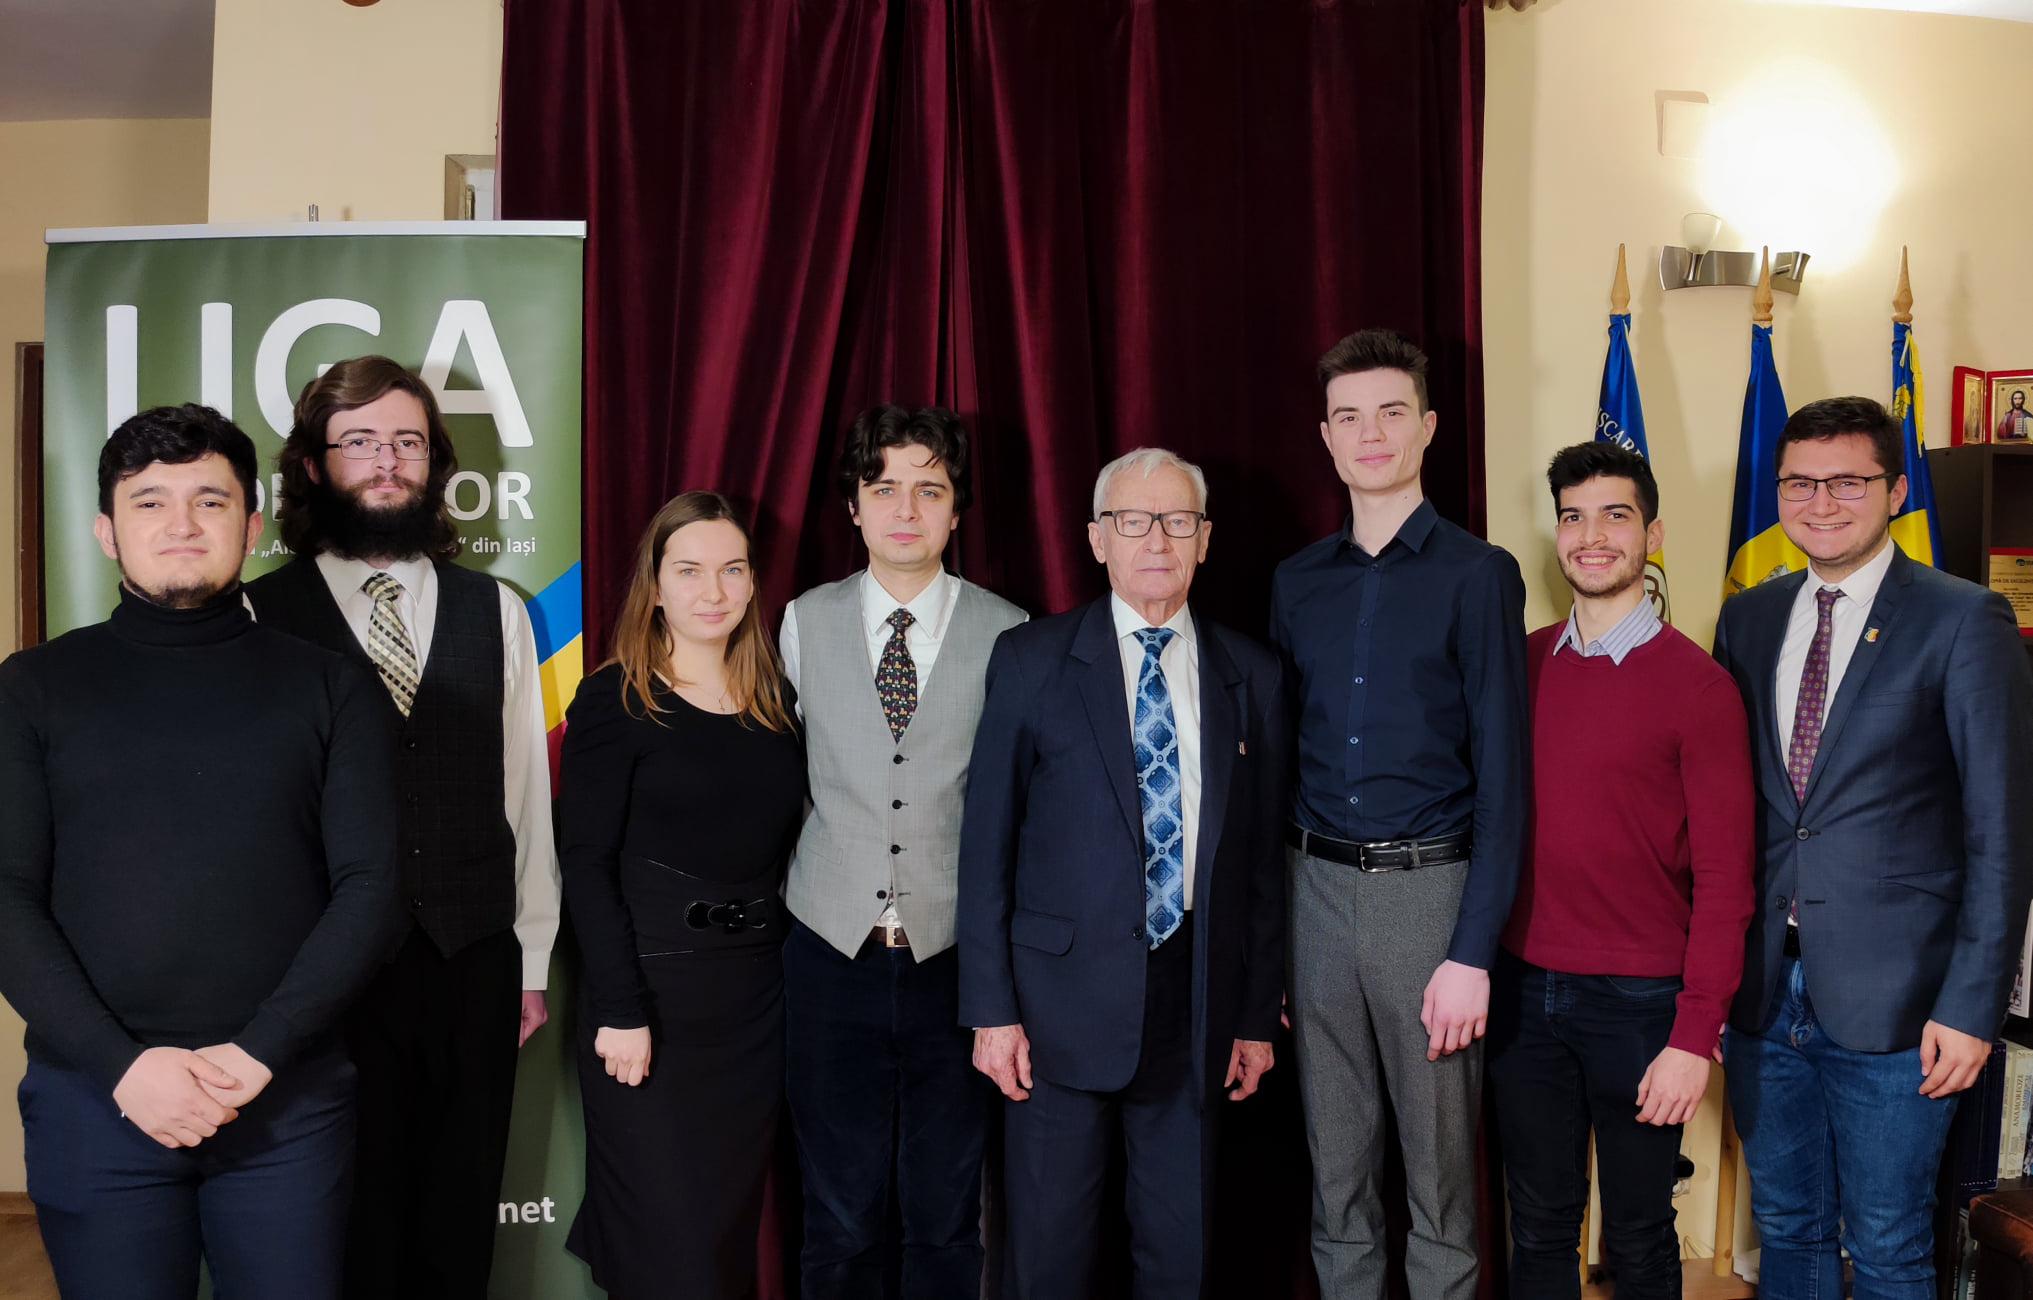 Studenții ieșeni îi iau apărarea lui Octav Bjoza: PNL înceacă să impună un monopol asupra memoriei rezistenței anticomuniste